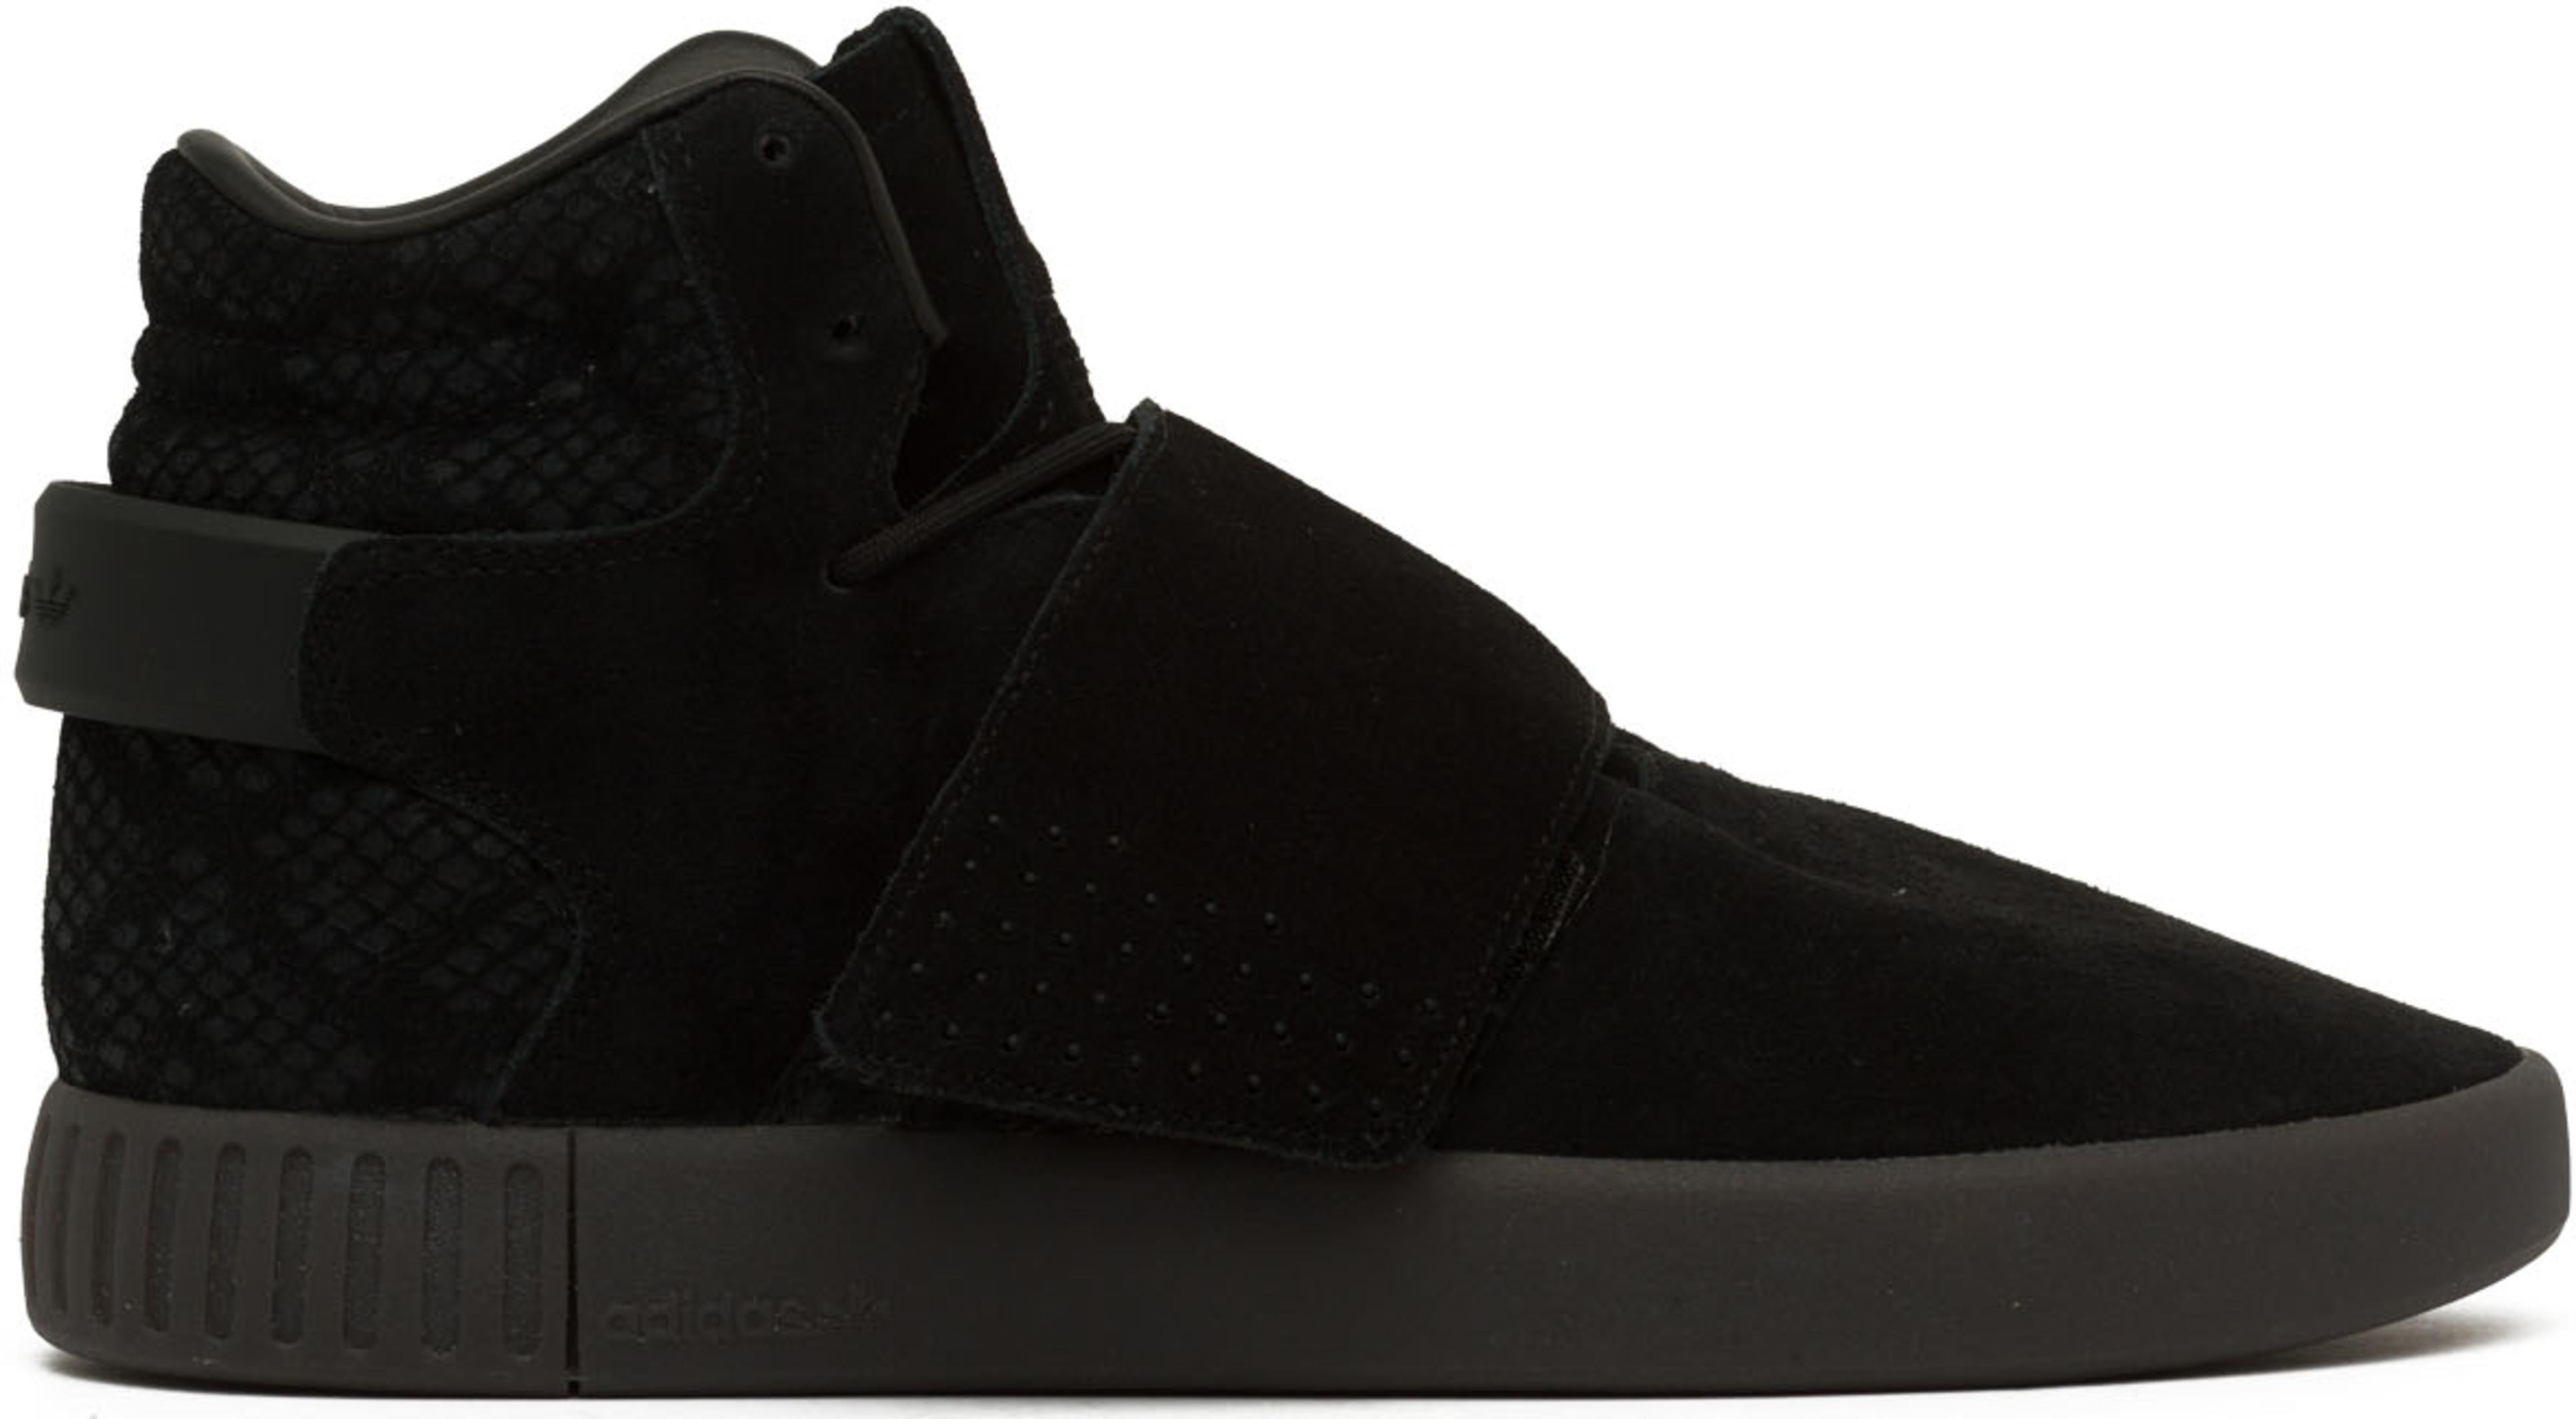 finest selection 4528c 76e6e adidas Originals - Tubular Invader Strap - Core Black/Utility Black